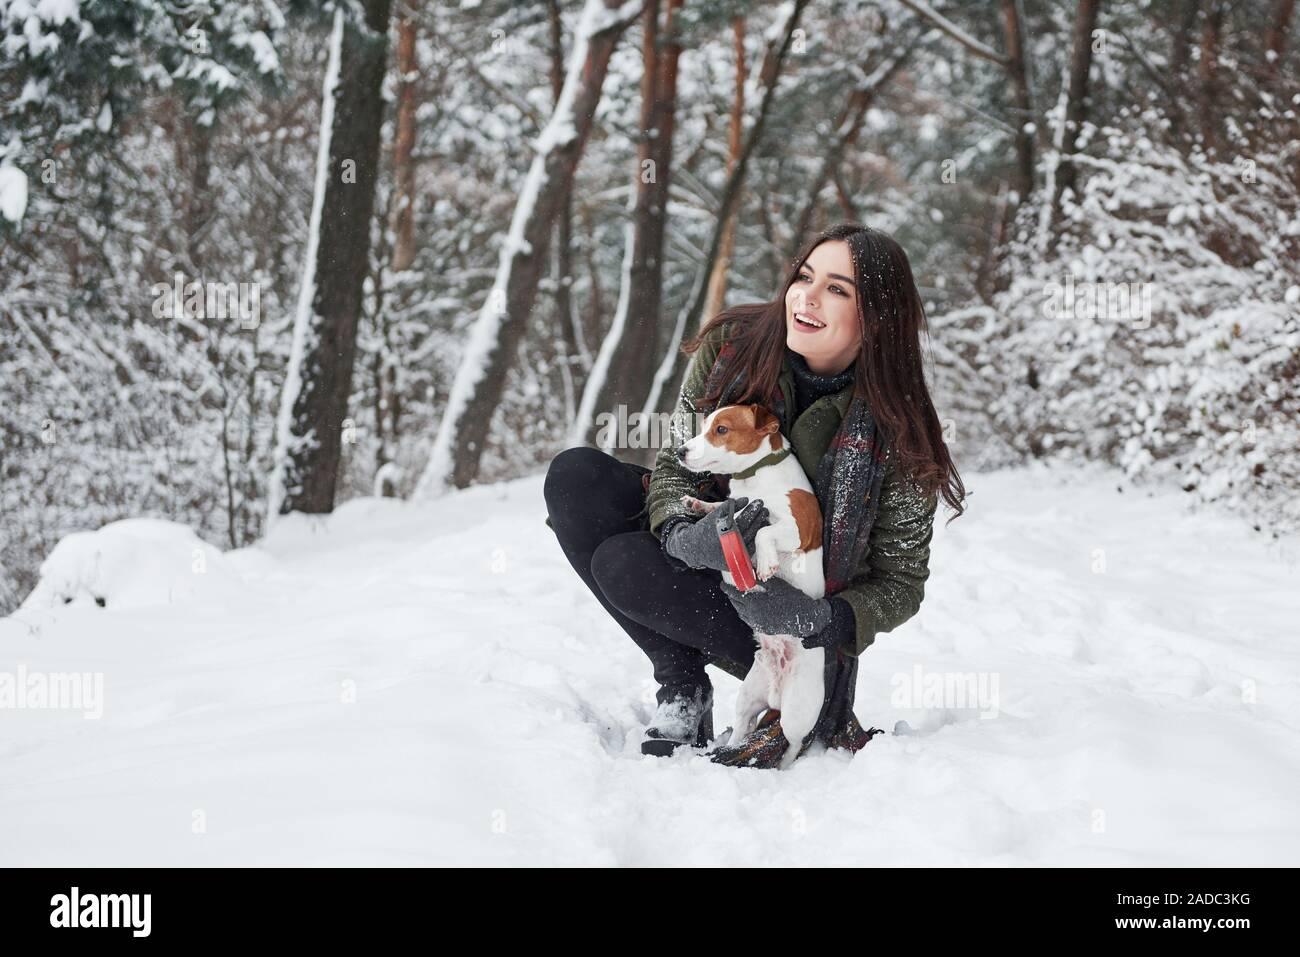 Donde debemos ir. Morena sonriente divertirse paseando con su perro en el Winter Park Foto de stock